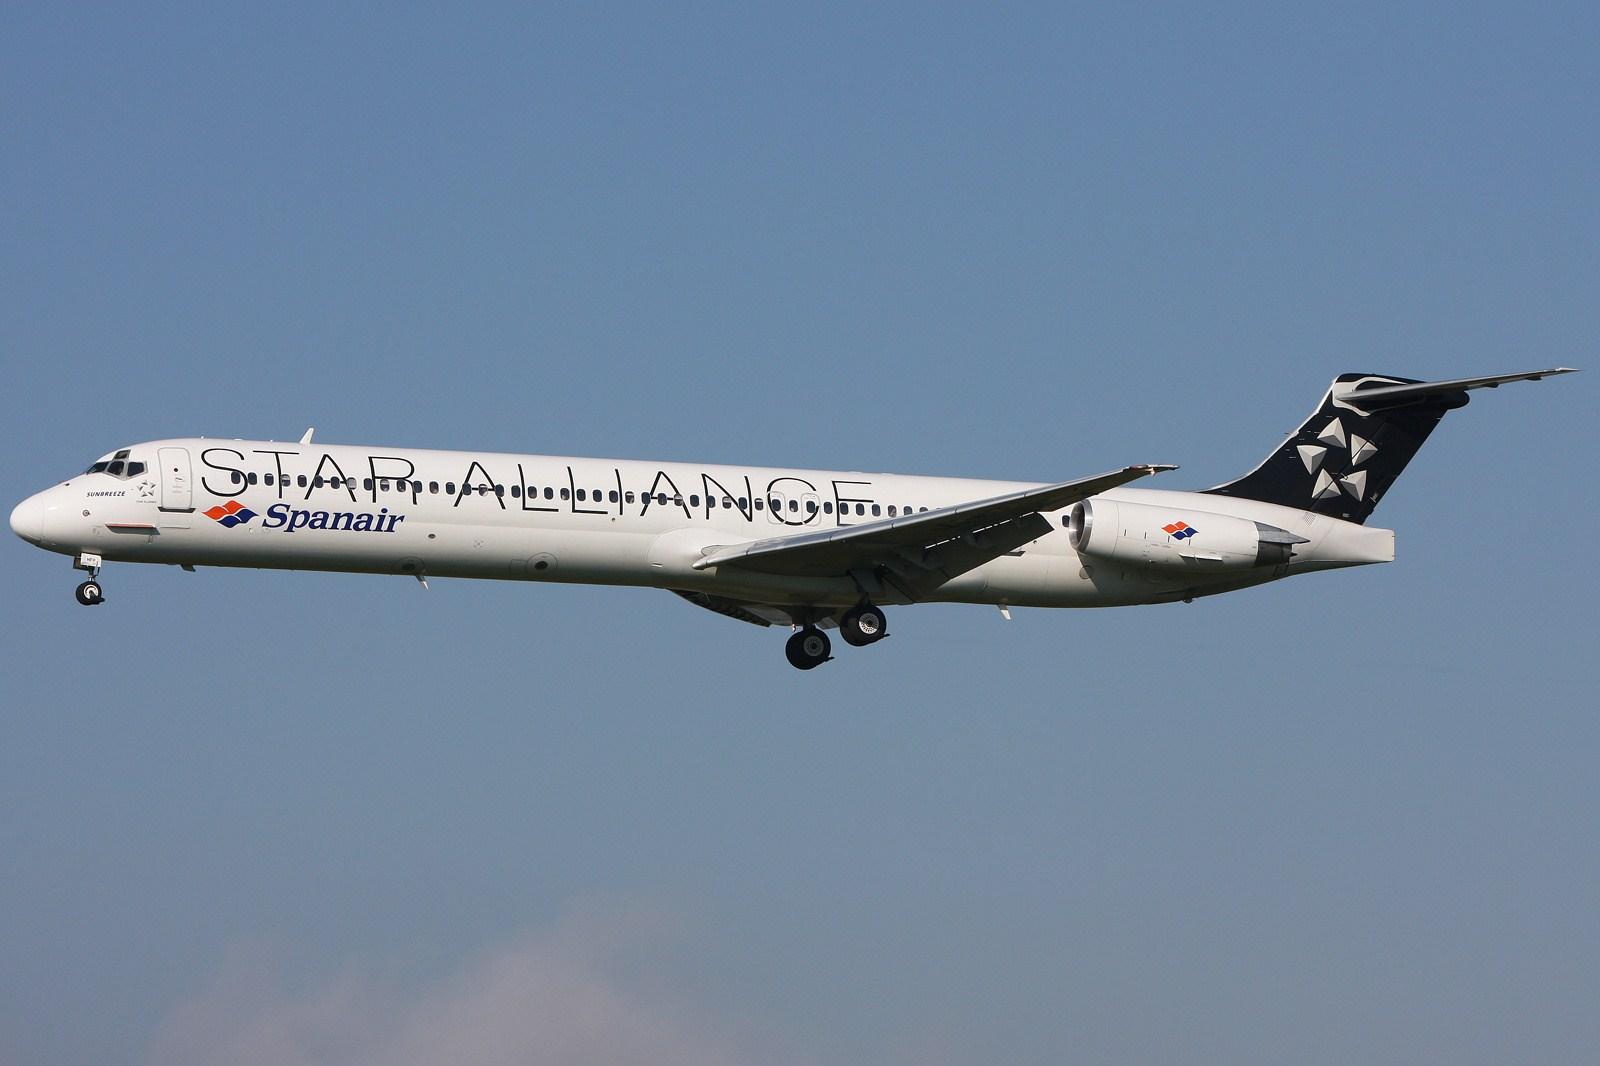 Resultado de imagen para JK5022 MD-82 Spanair